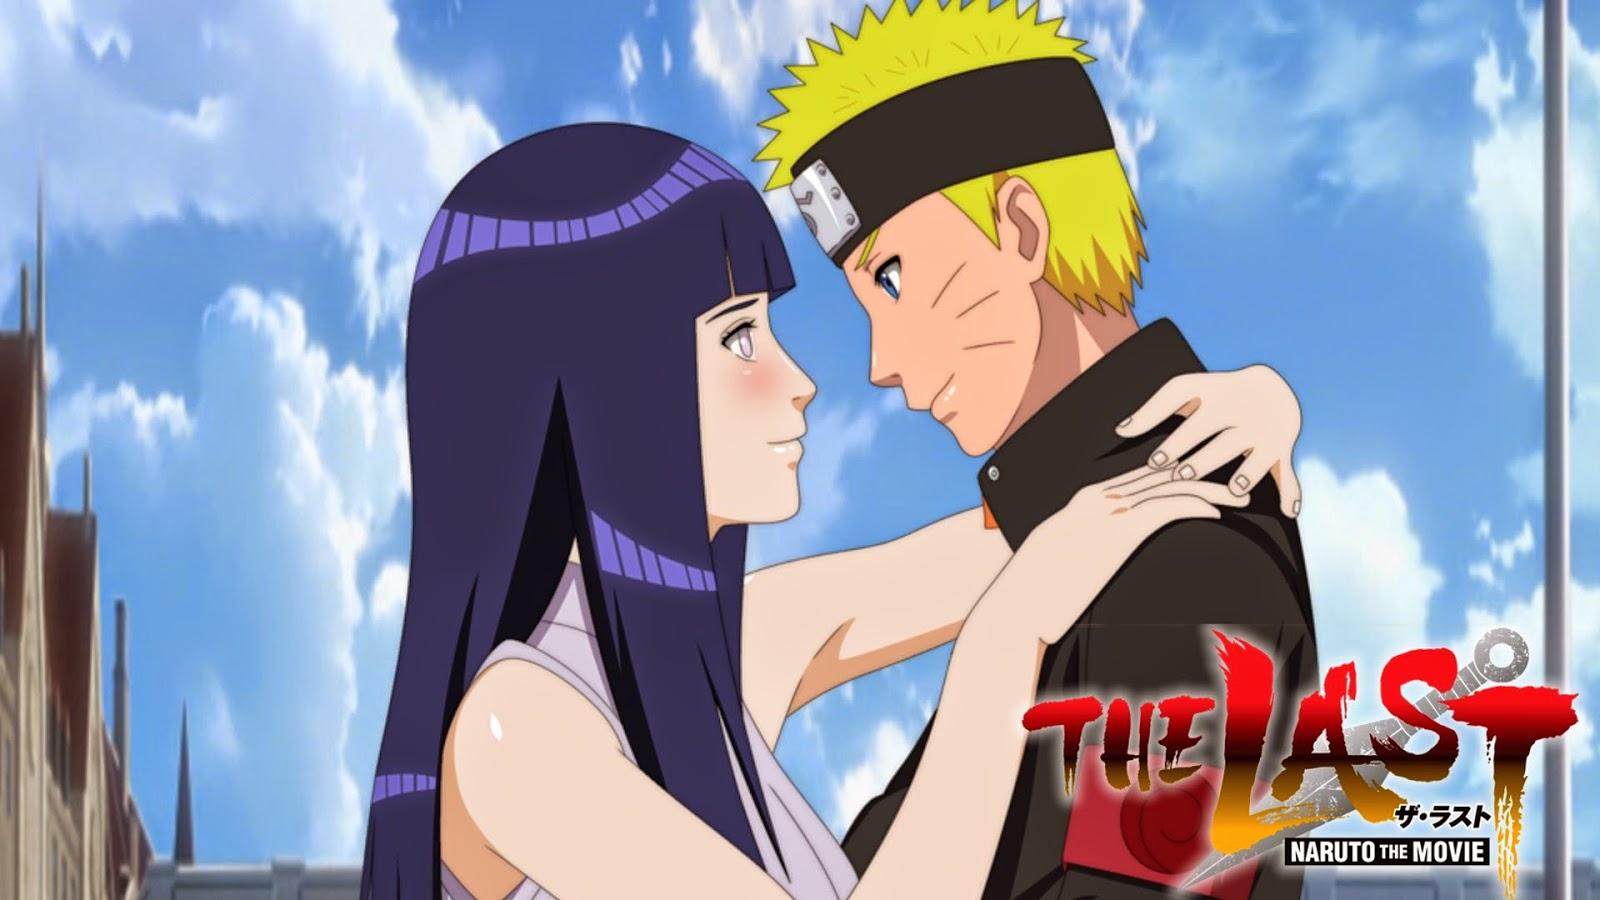 Naruto Shippuden The Movie 7: The Last Subtitle Indonesia 360p